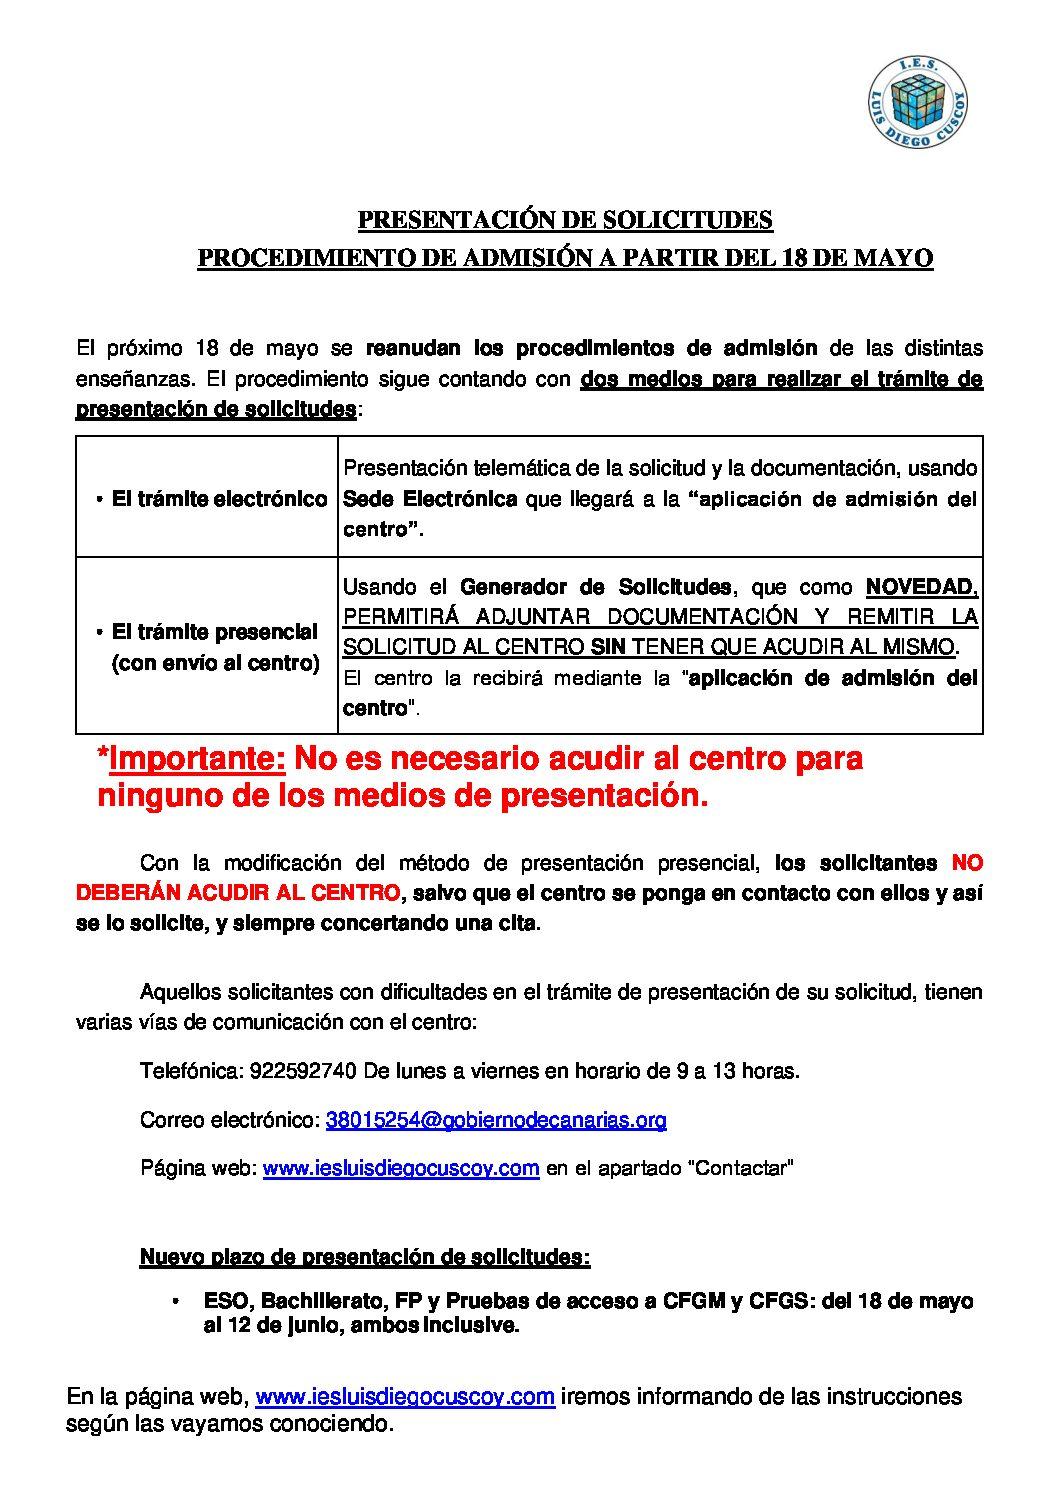 INSTRUCCIONES SOBRE LA PRESENTACIÓN DE SOLICITUDES PROCEDIMIENTO DE ADMISIÓN A PARTIR DEL 18 DE MAYO